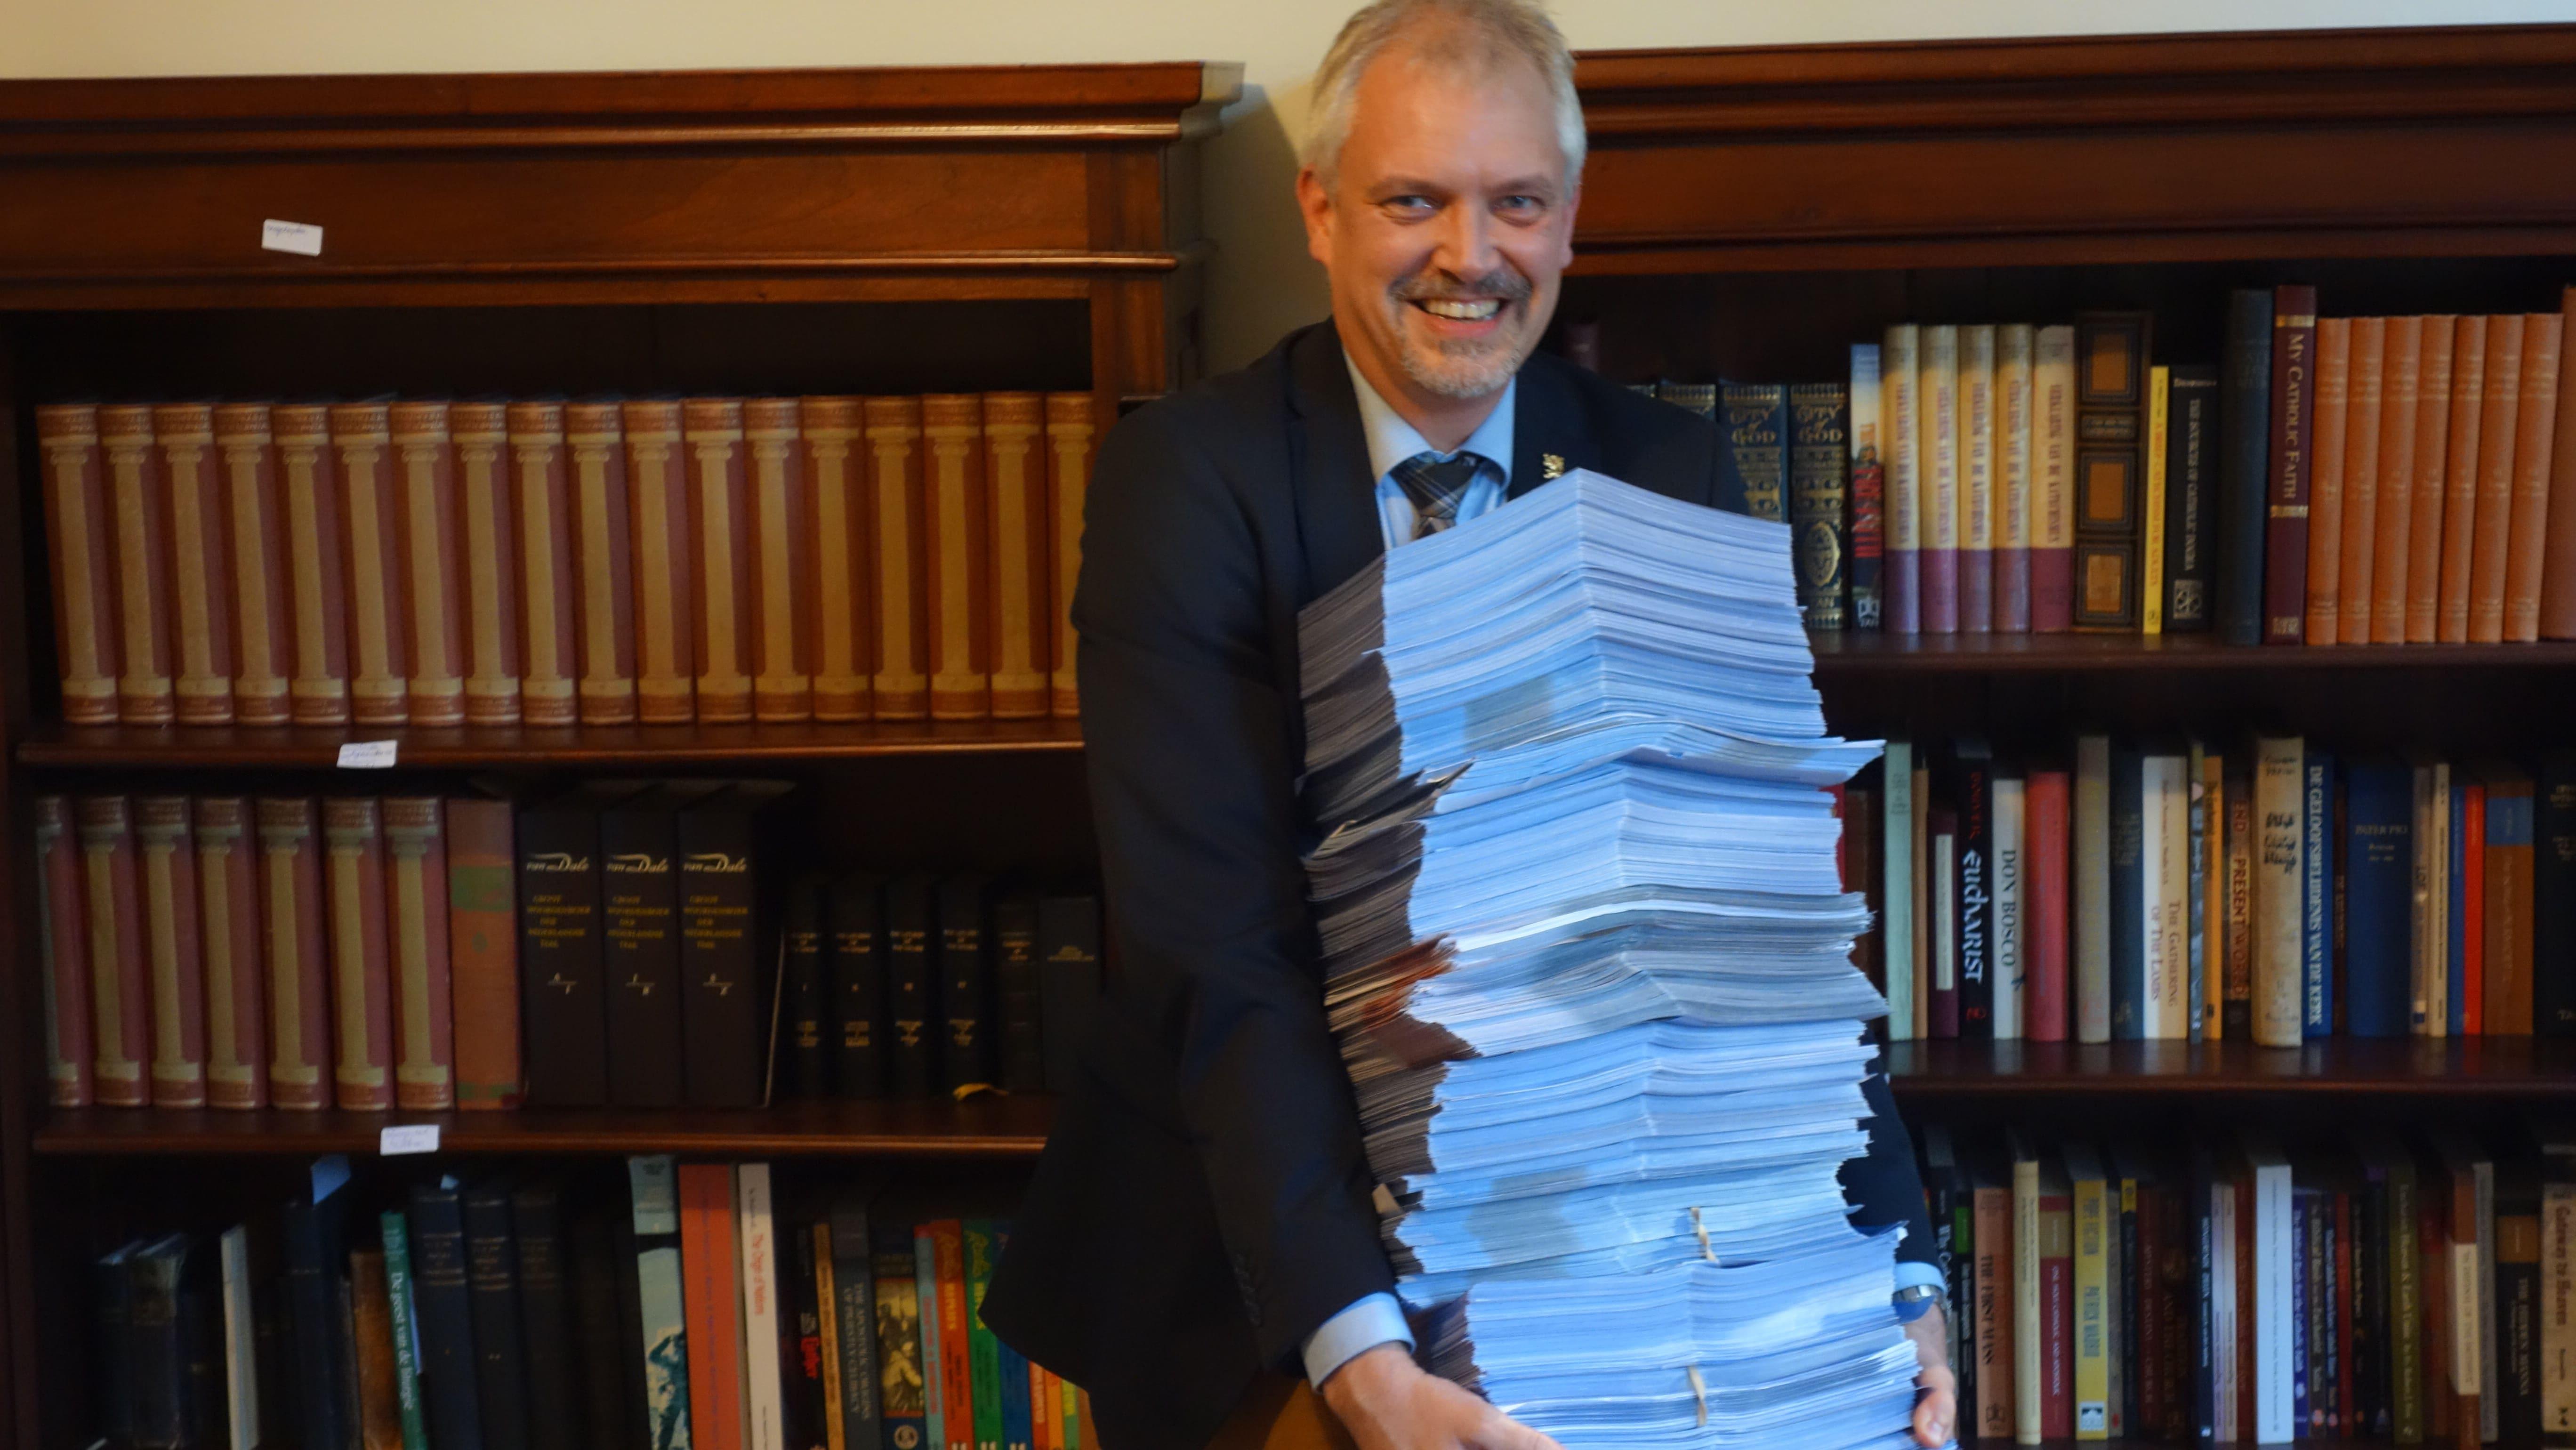 Burgemeester Hamming weigert Zwarte Piet-petitie aan te nemen